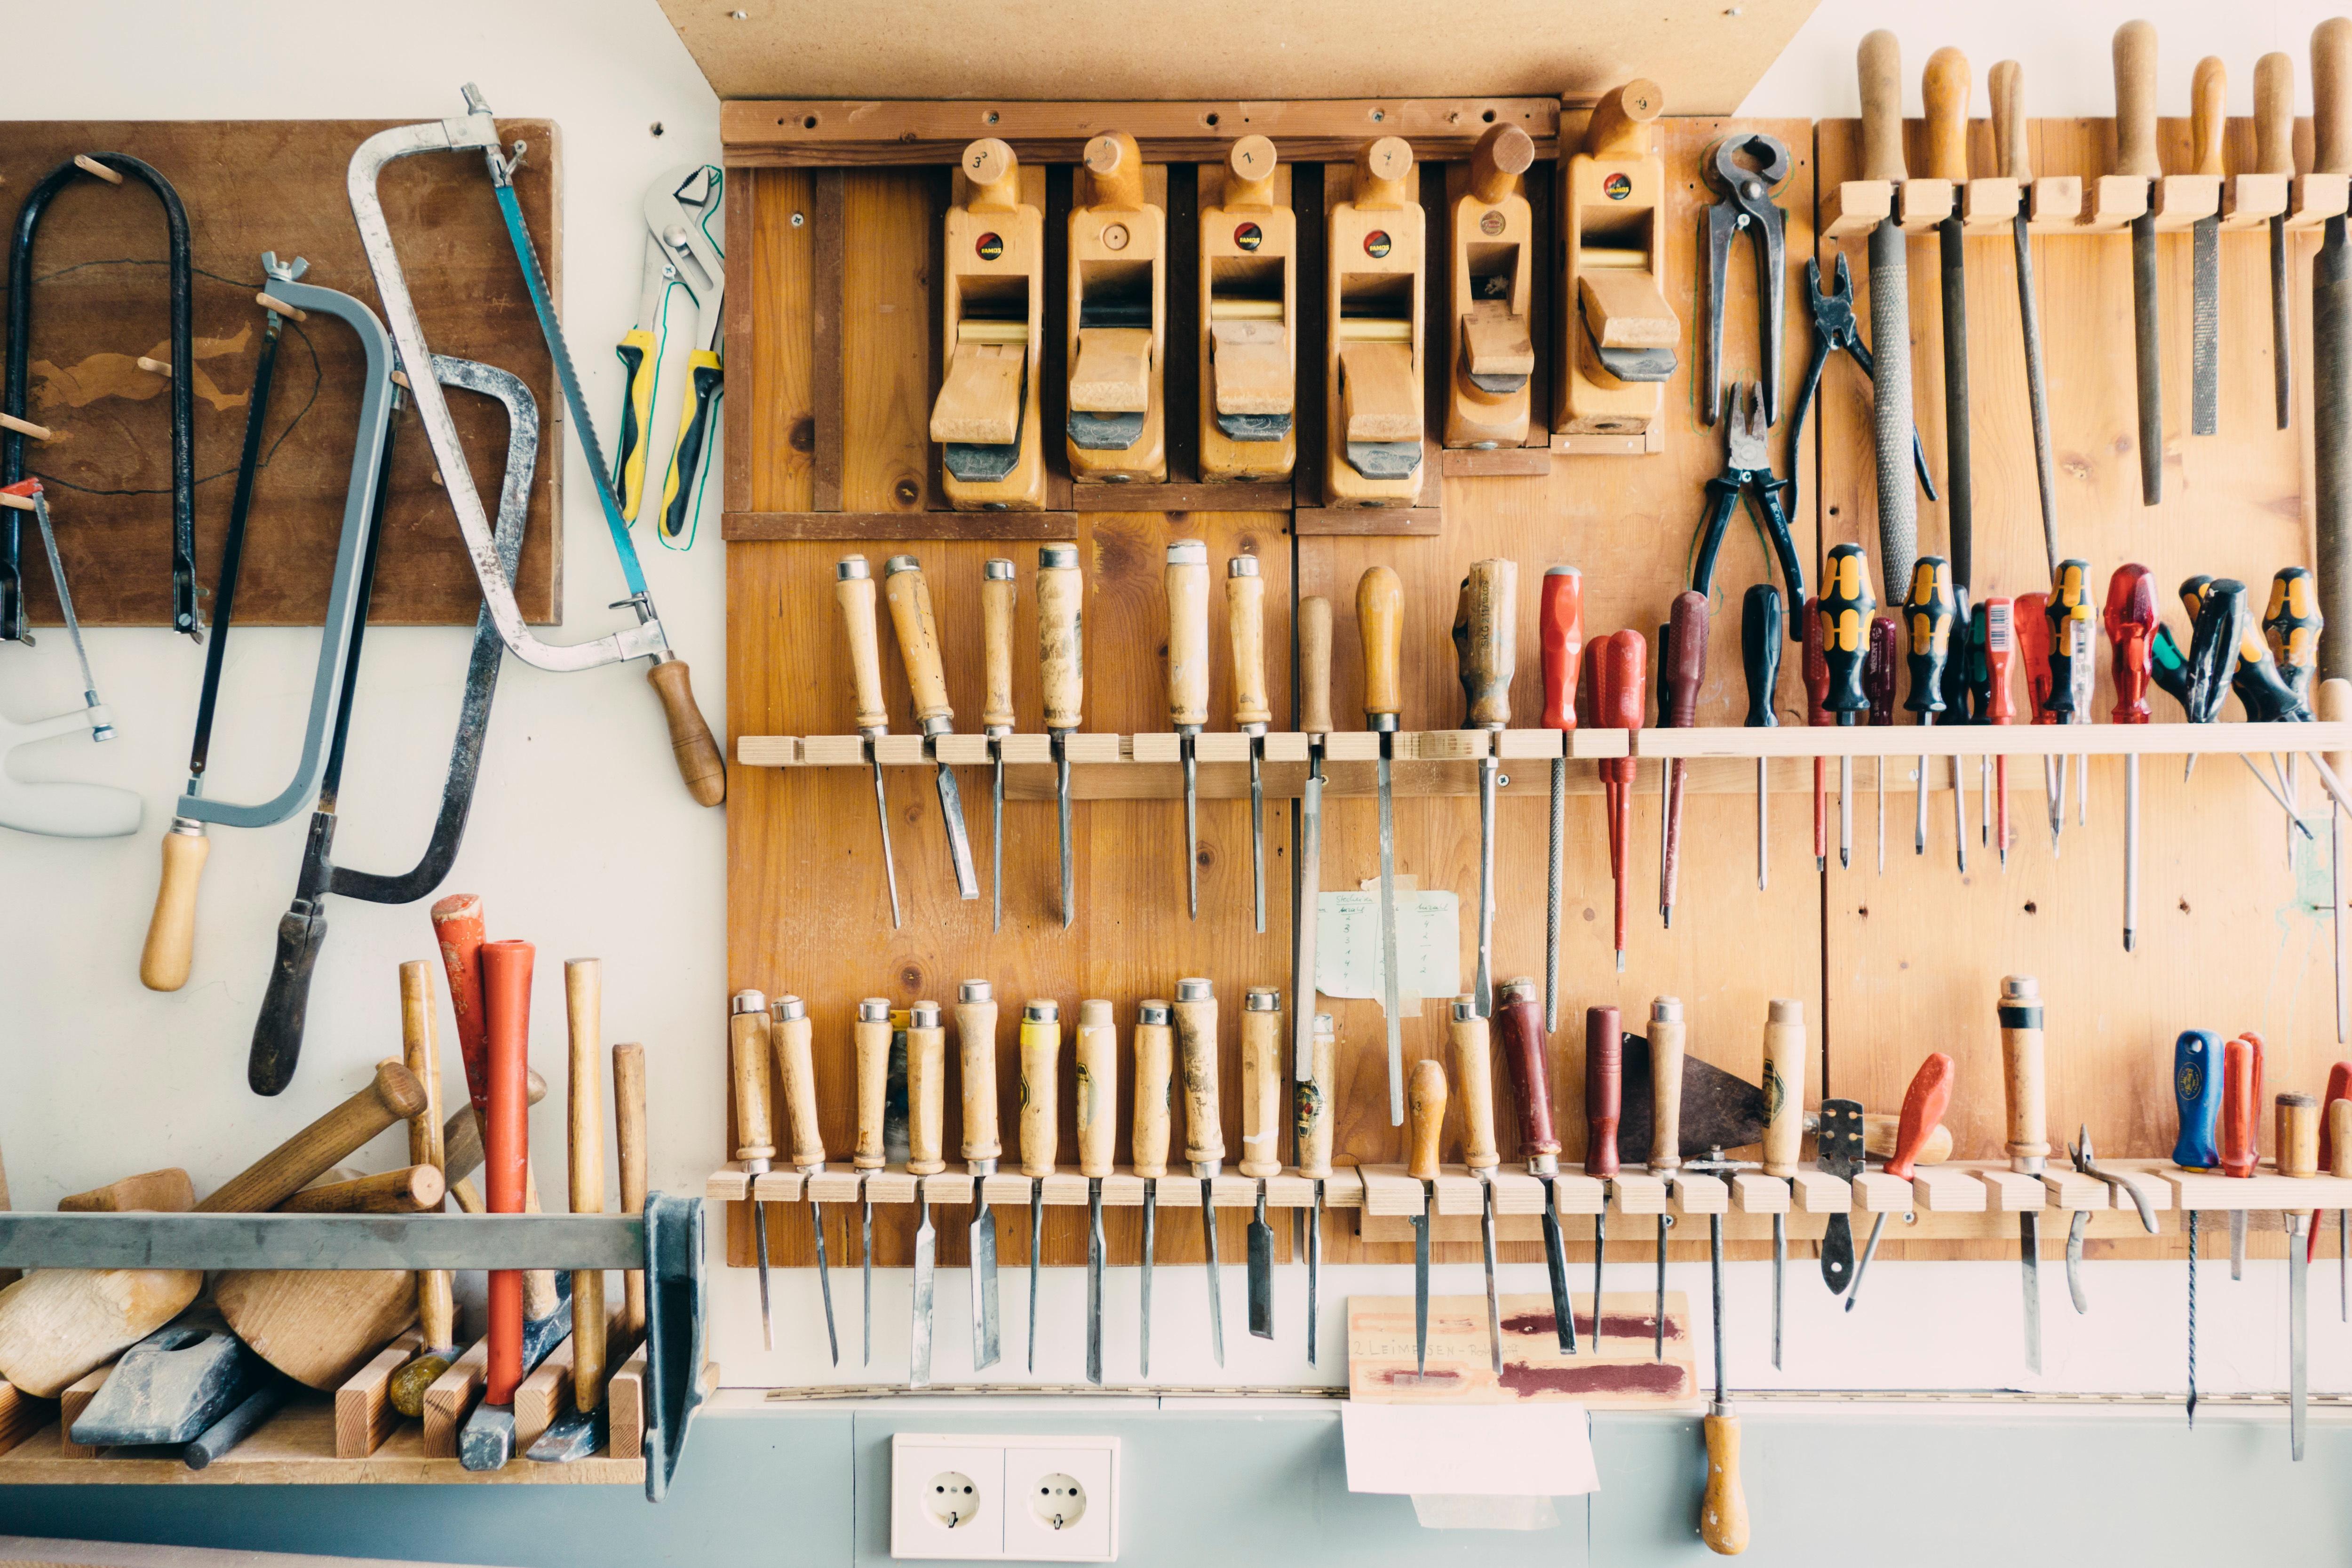 Картинки : инструмент, мастерская, забивать, плоскогубцы, кр.